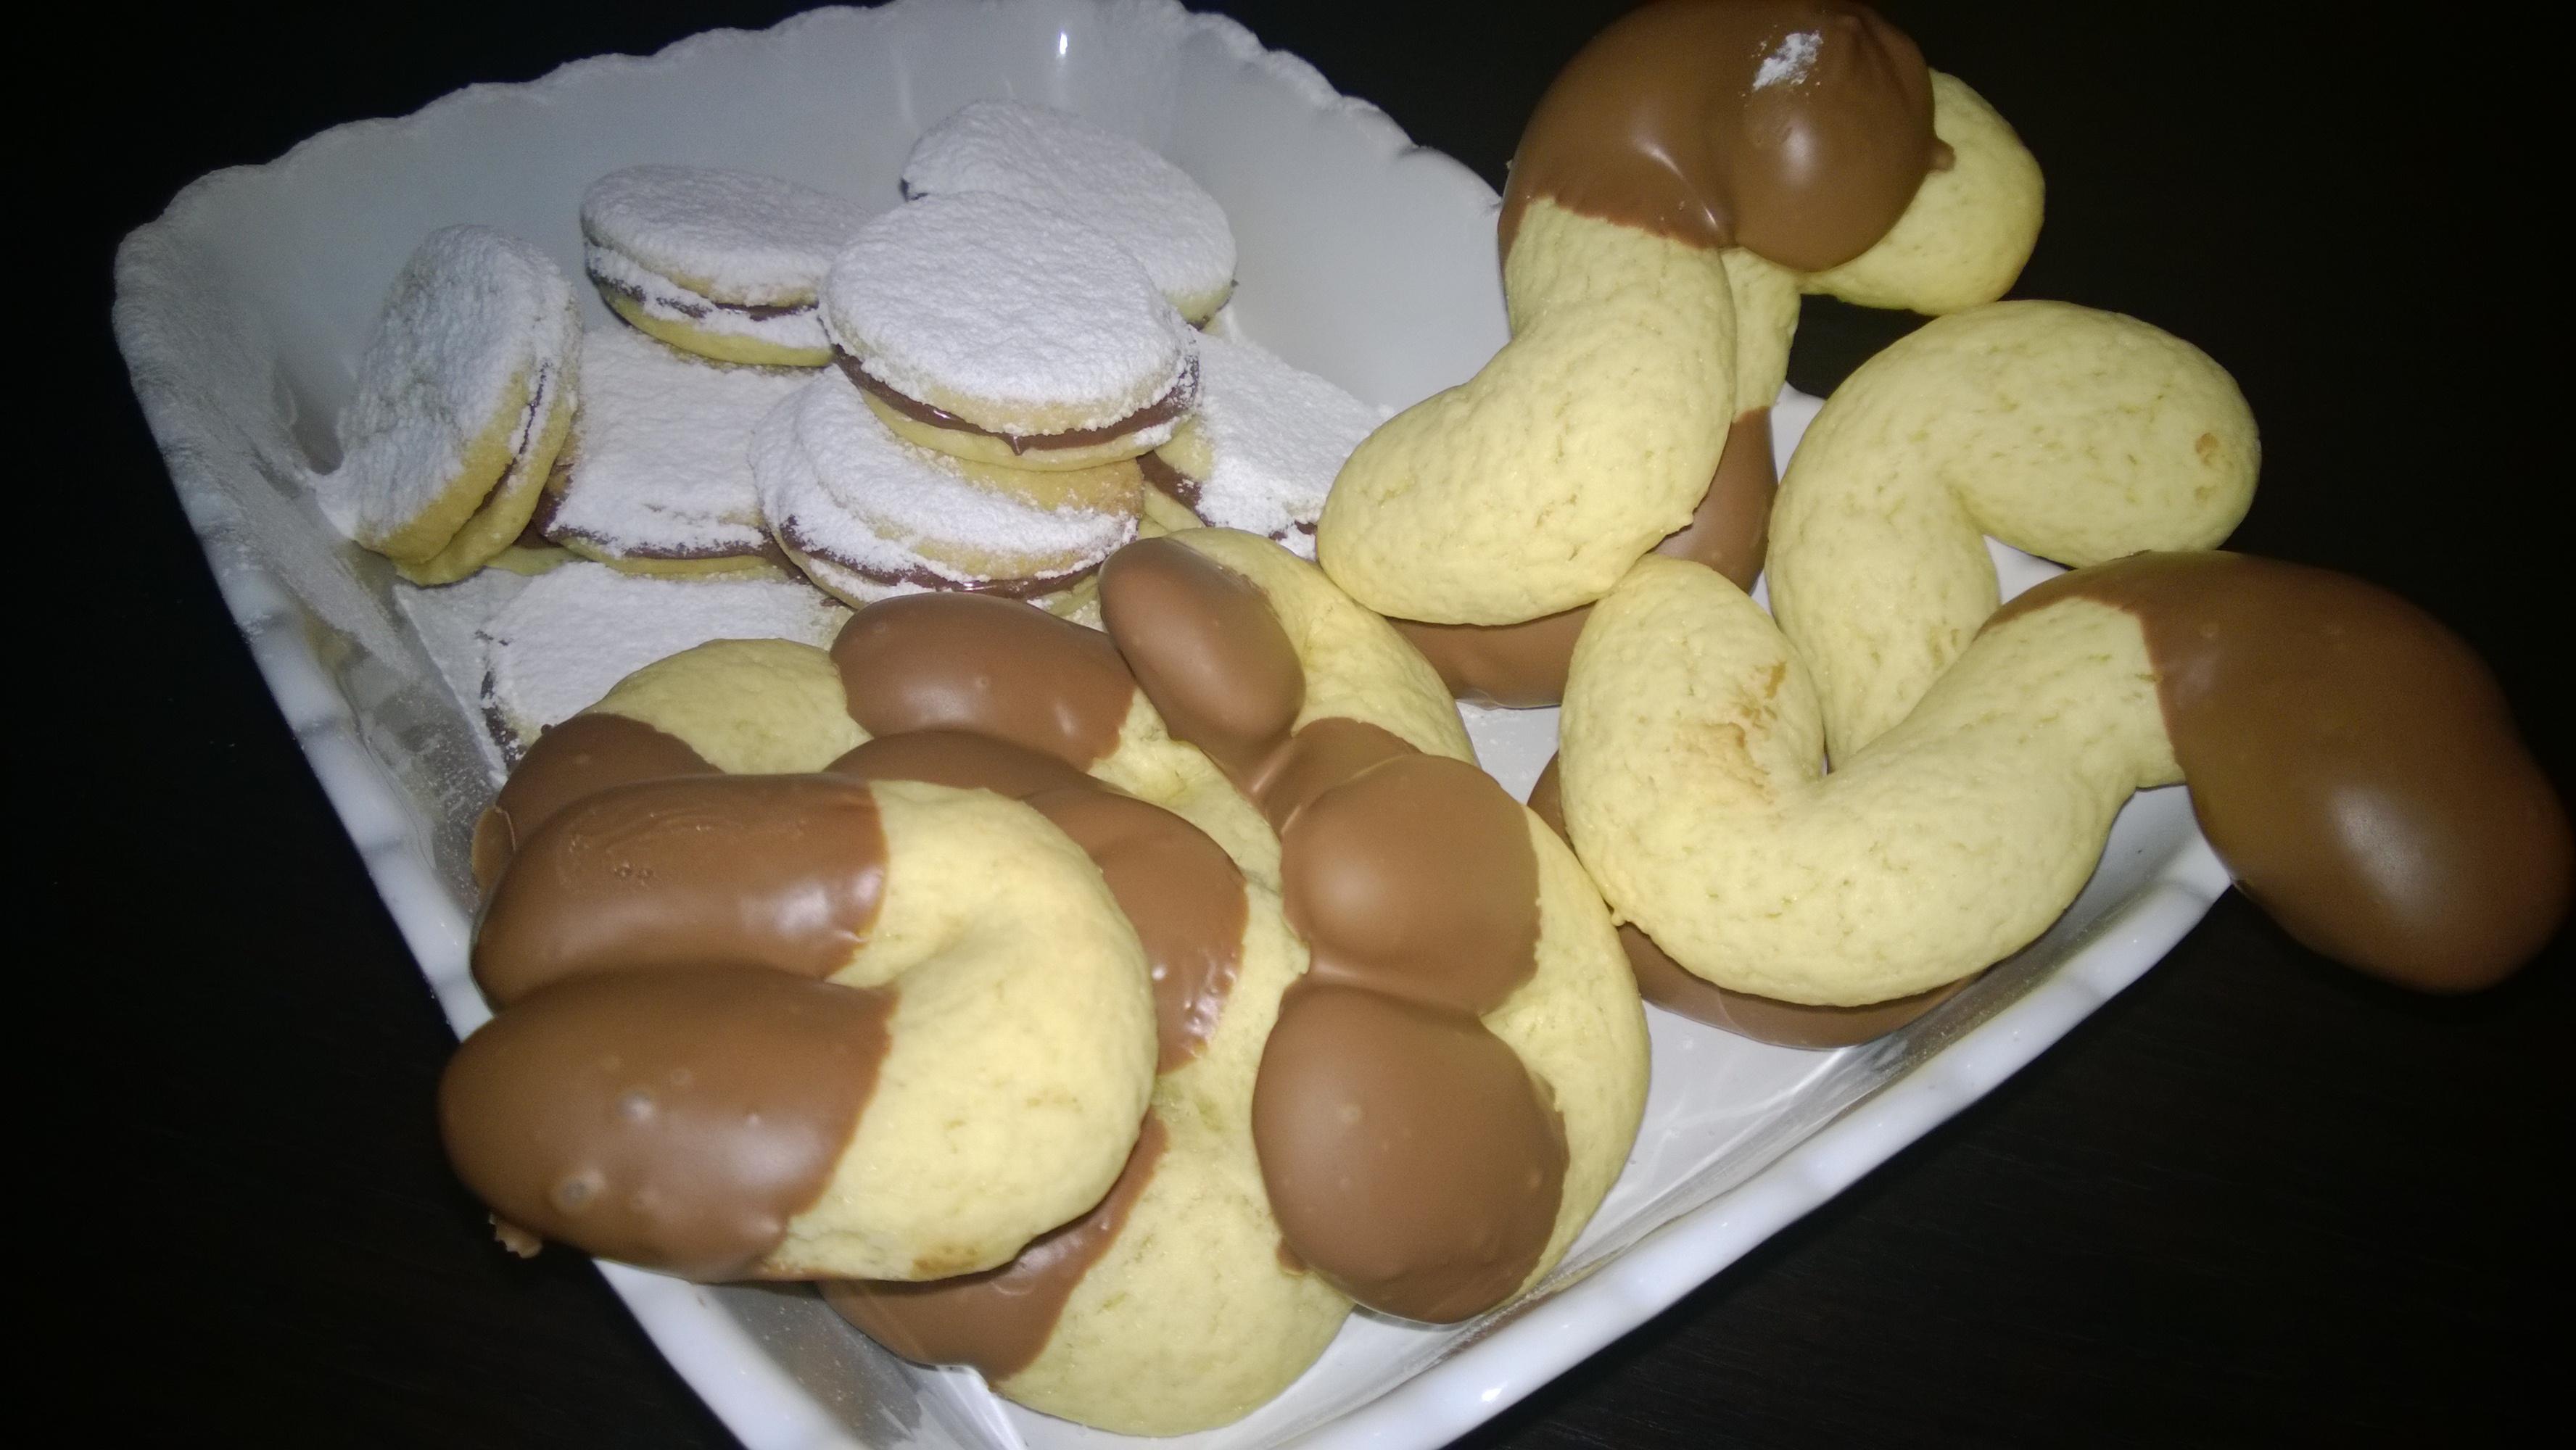 Biscottini al burro nella mia cucina - Bagno nella nutella ...